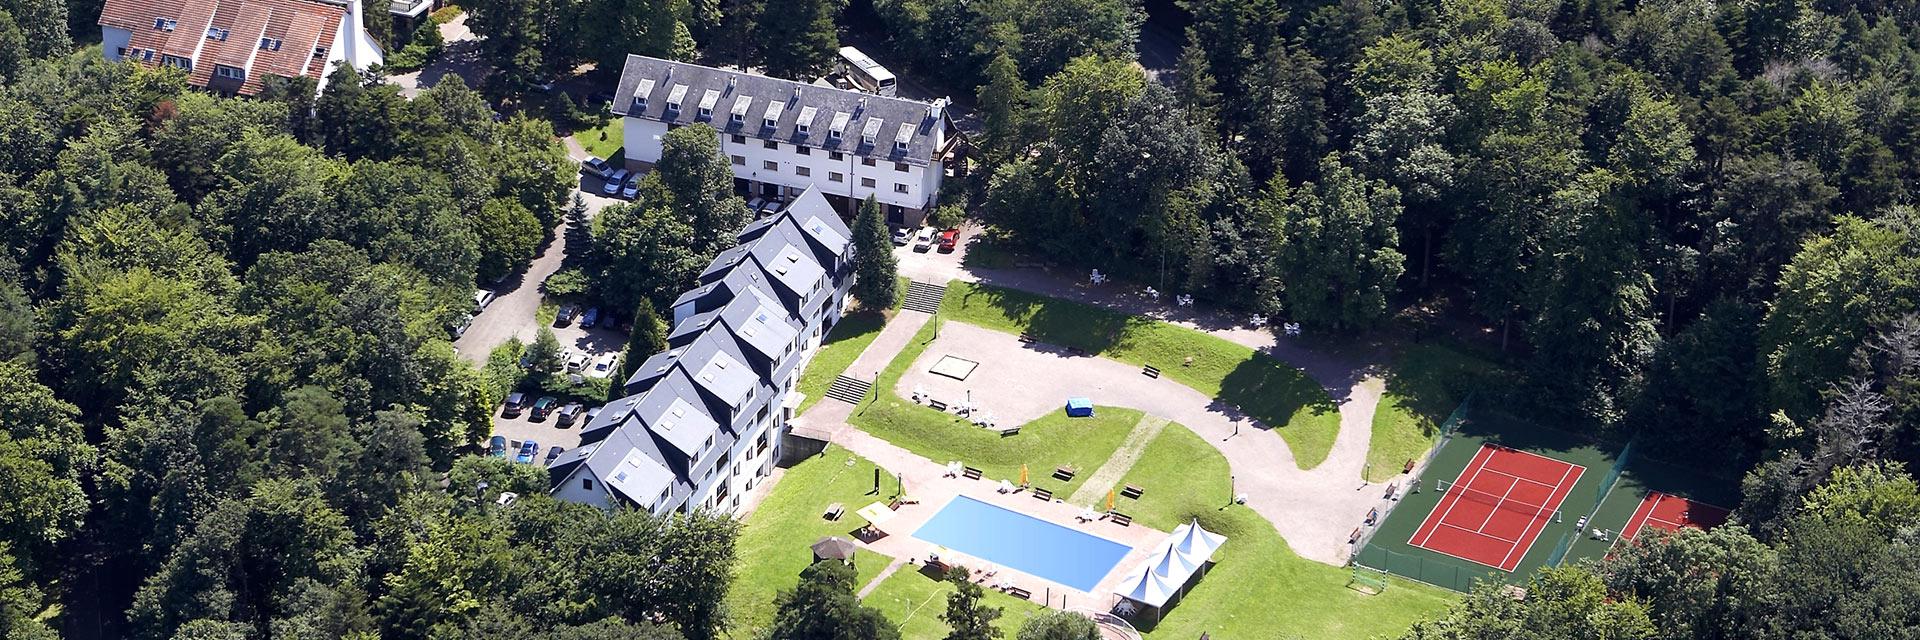 village-vacances-domaine-st-jacques-vue-du-ciel